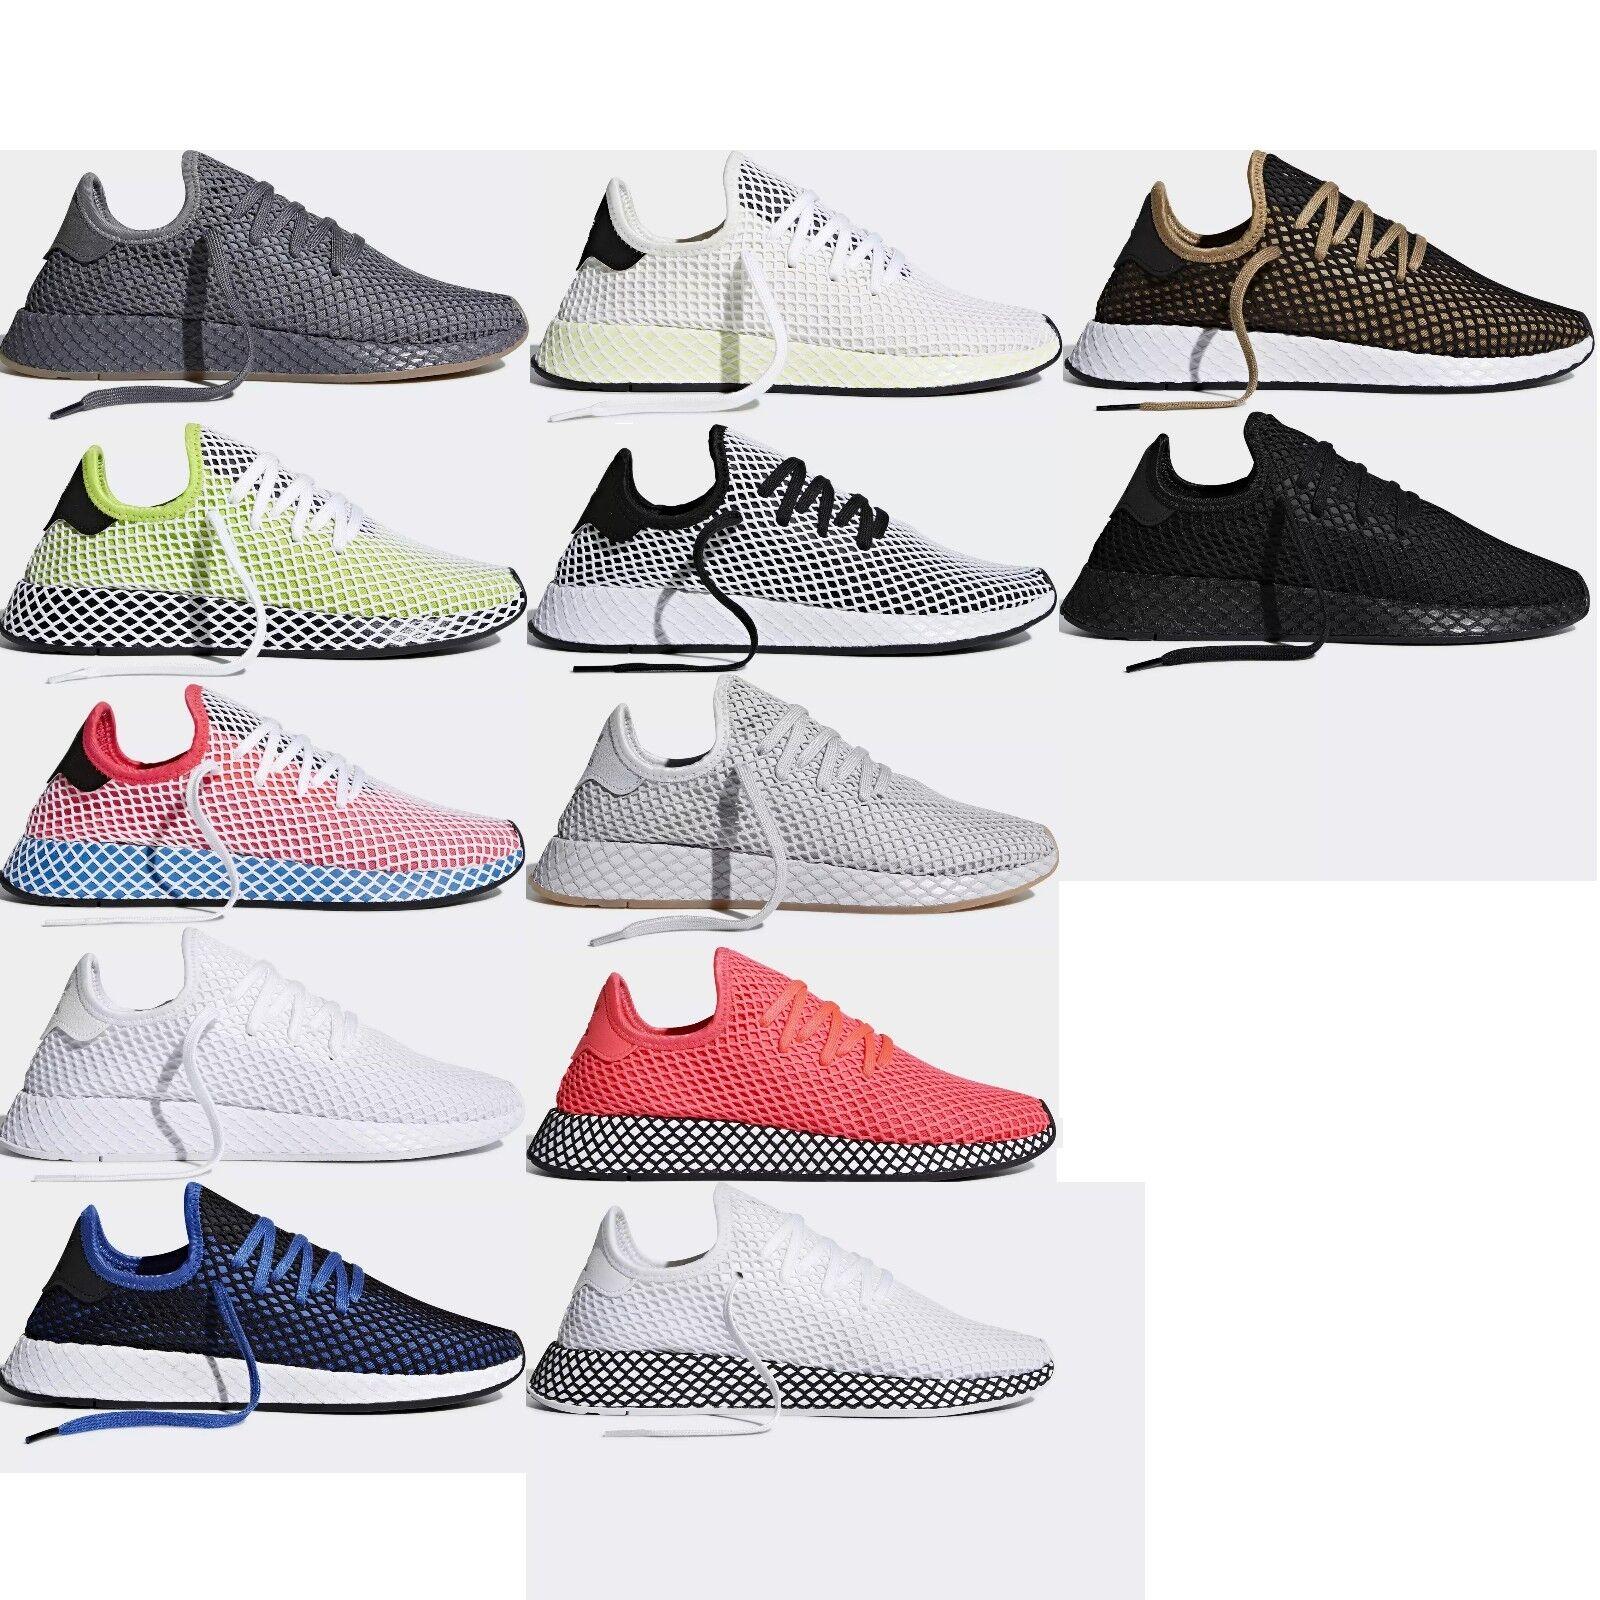 Adidas Originals deerupt lifstyle Runner zapatos corrientes de los hombres lifstyle deerupt comfy zapatillas 350de4